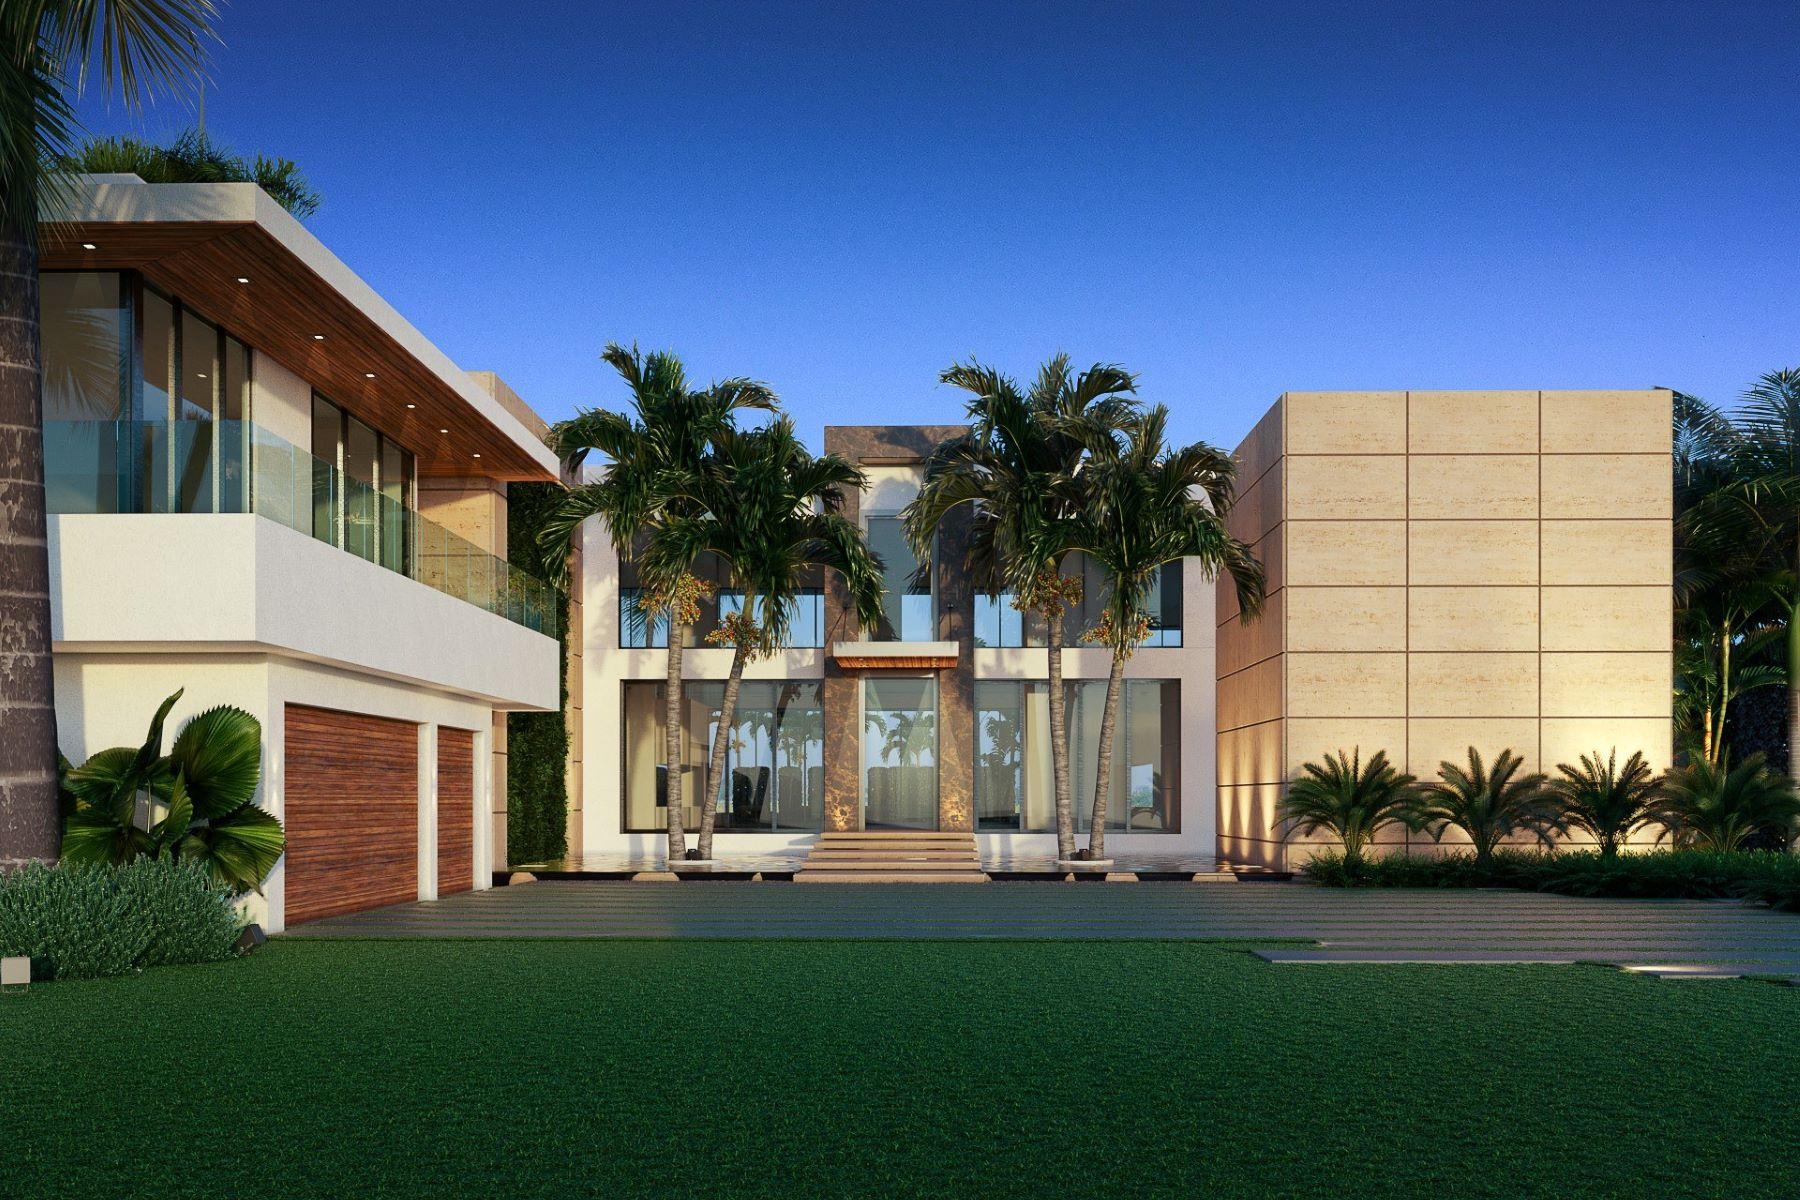 农场 / 牧场 / 种植园 为 销售 在 5860 N Bay Rd 迈阿密海滩, 佛罗里达州 33140 美国